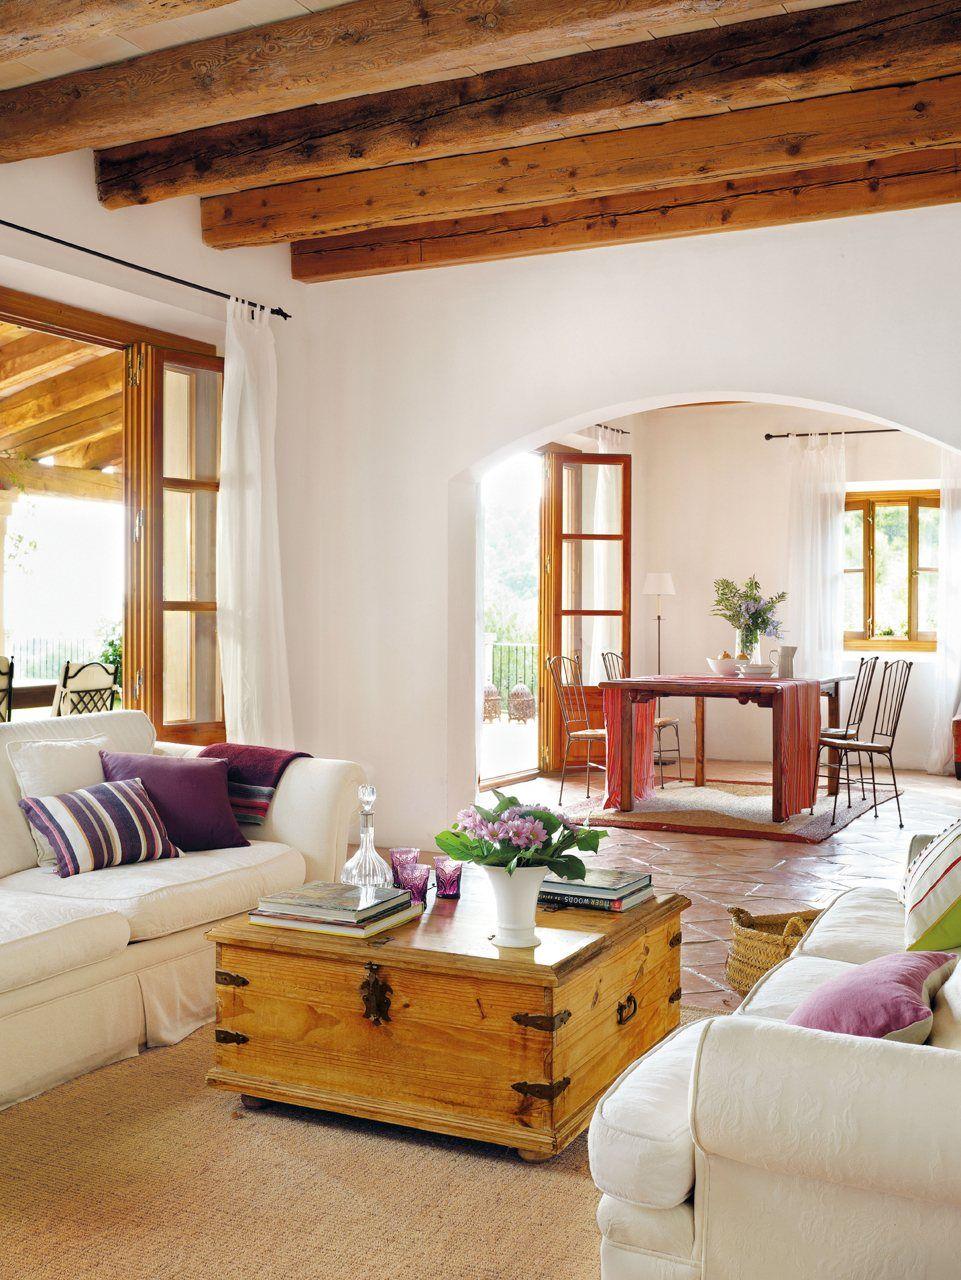 Duplica el espacio con muebles de doble uso - Escuela decoracion de interiores ...